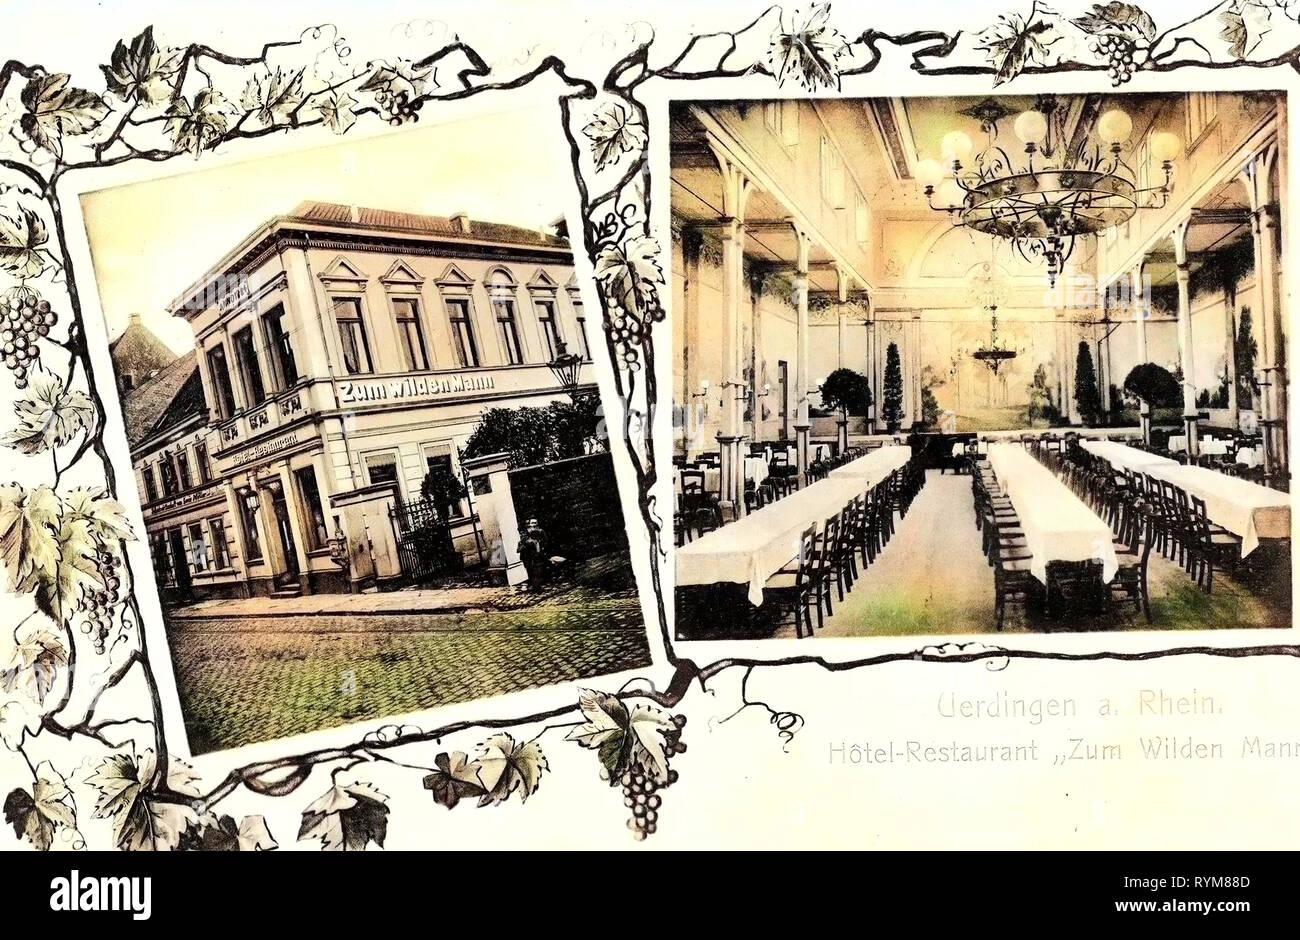 Restaurants in North Rhine-Westphalia, Multiview postcards, Rooms in Germany, Uerdingen, 1903, North Rhine-Westphalia, Restaurant zum wilden Mann - Stock Image